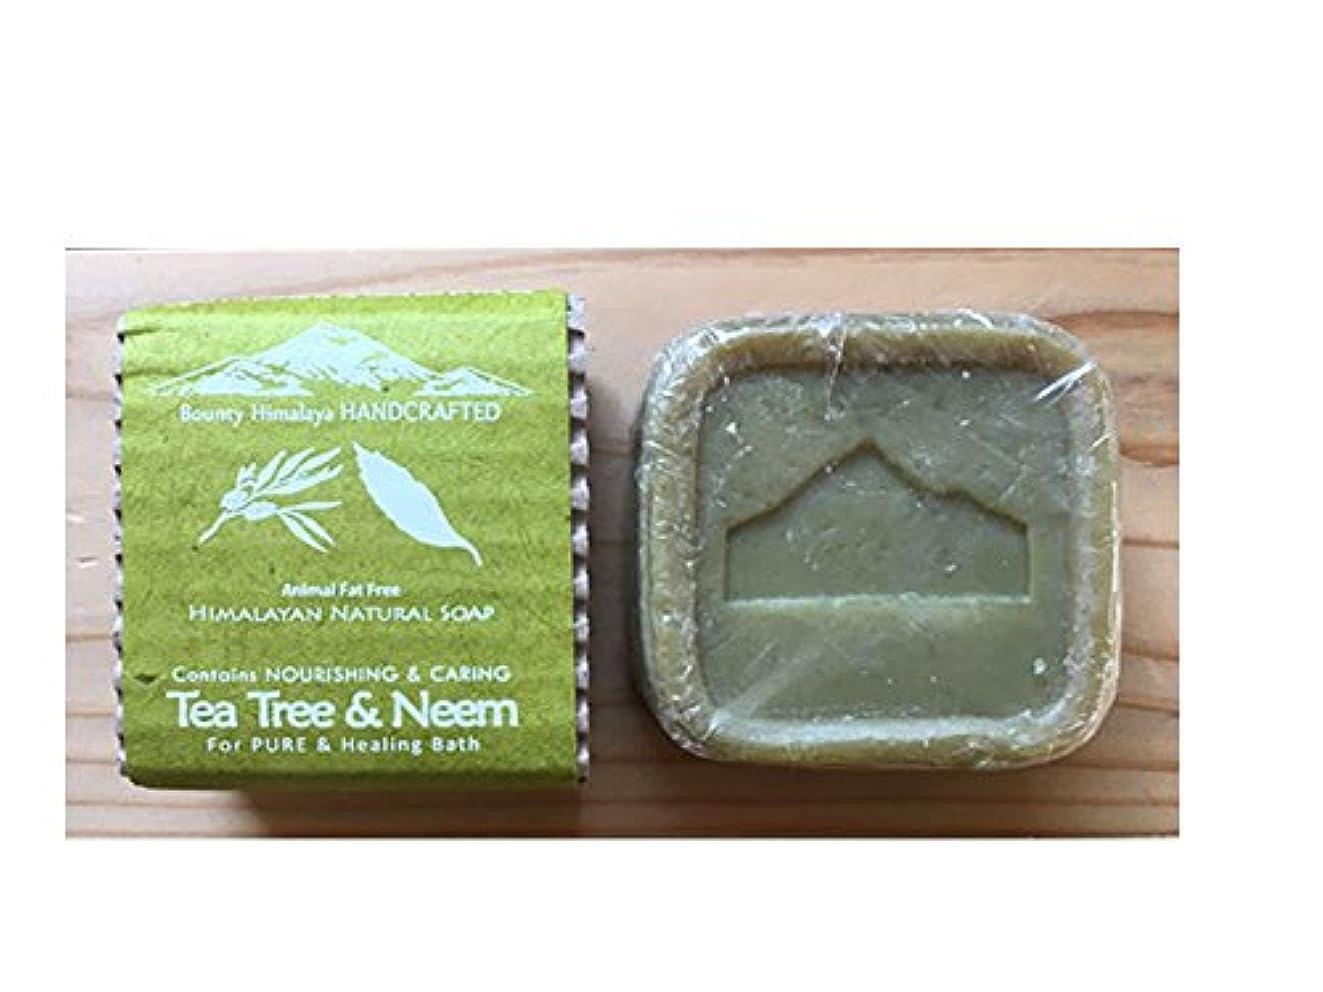 ペネロペメモ意欲アーユルヴェーダ ヒマラヤ ティーツリー?ニーム ソープ Bounty Himalaya Tea Tree & Neem SOAP(NEPAL AYURVEDA) 100g